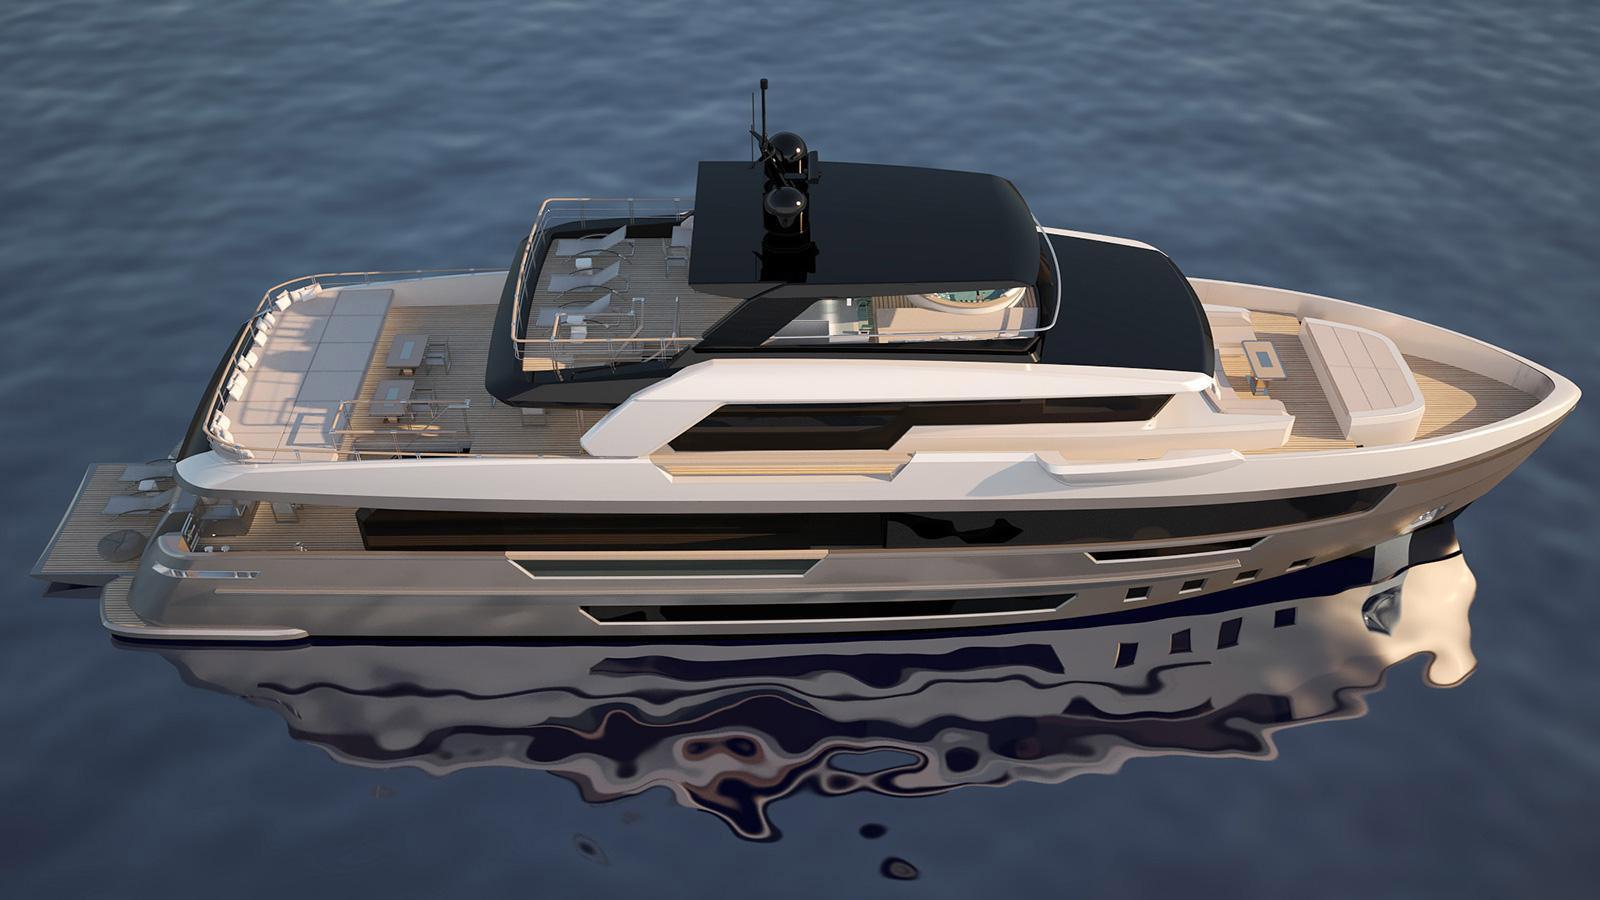 Filippetti divulga detalhes do iate explorer E32-boatshopping